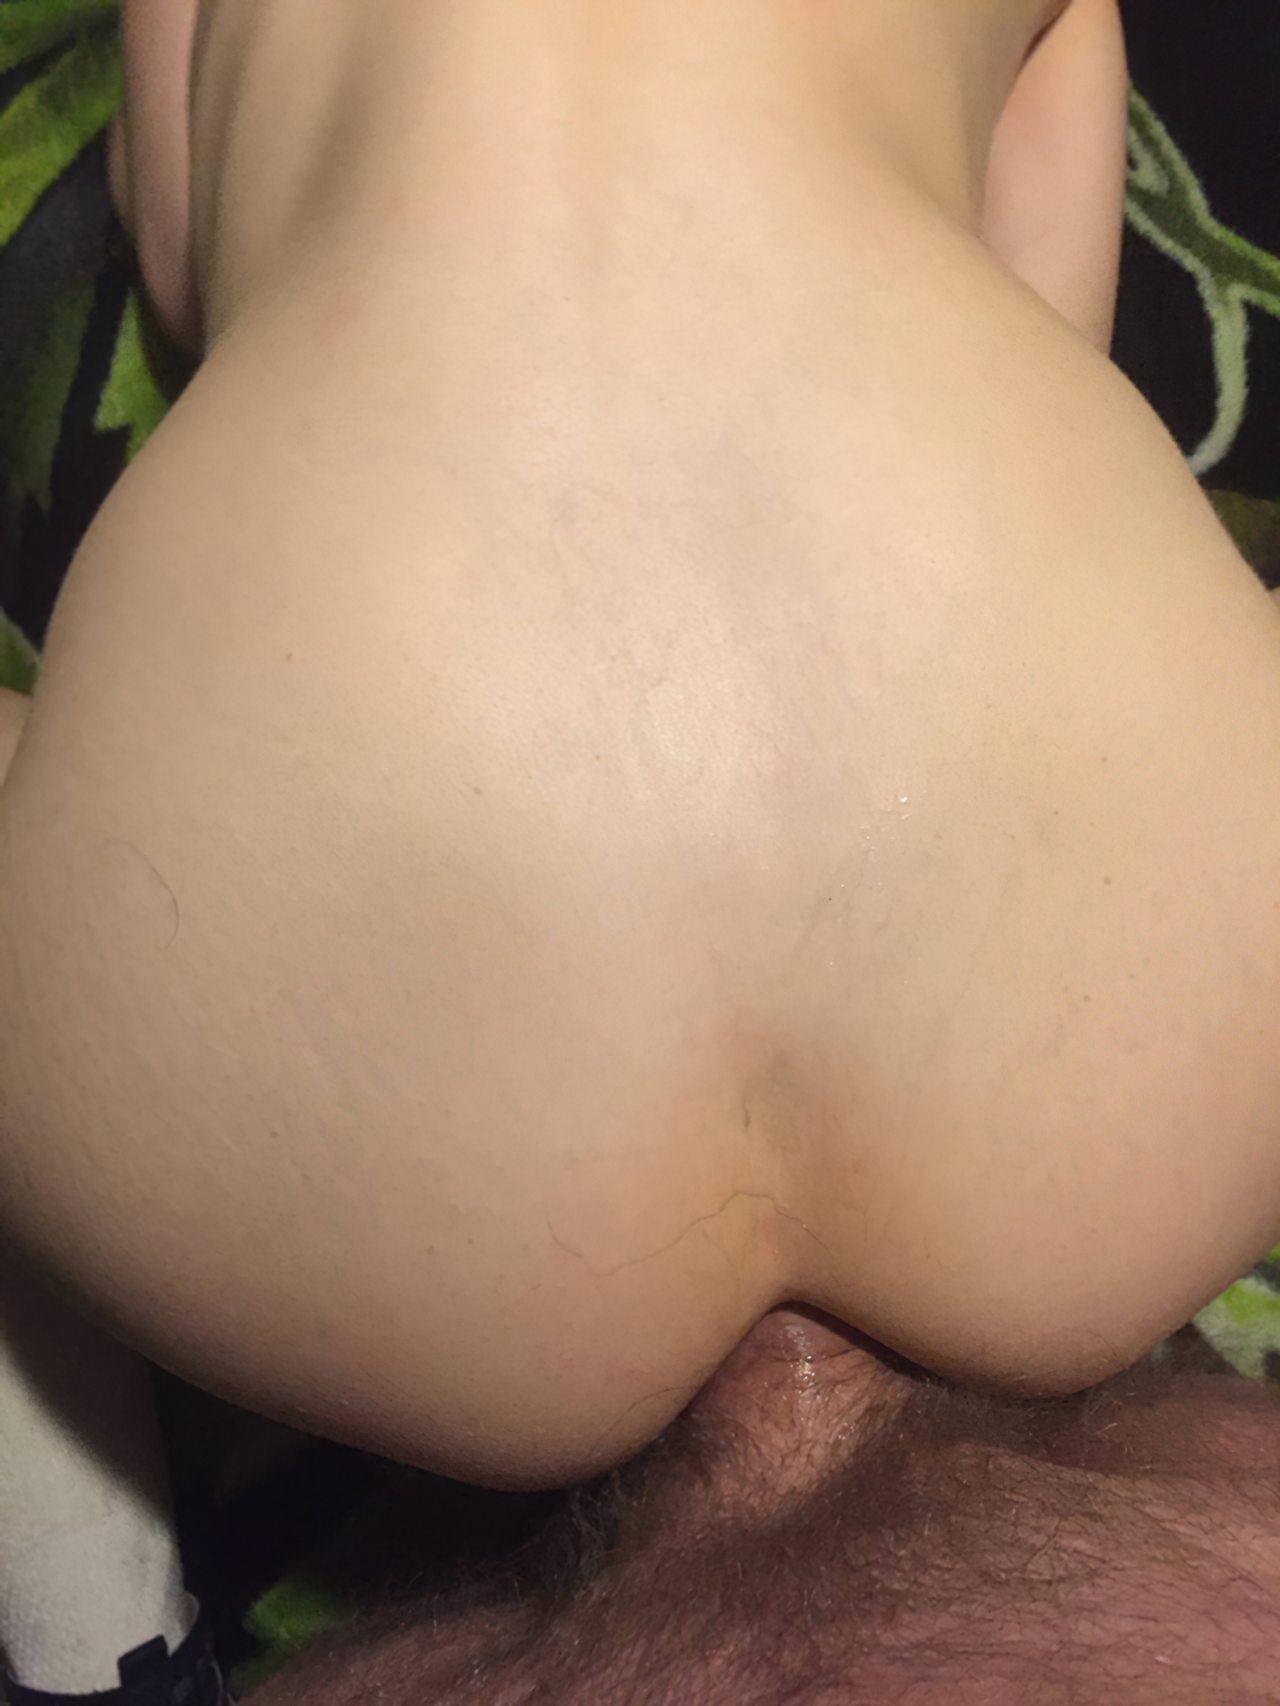 Sexo com Namorada Carente (13)